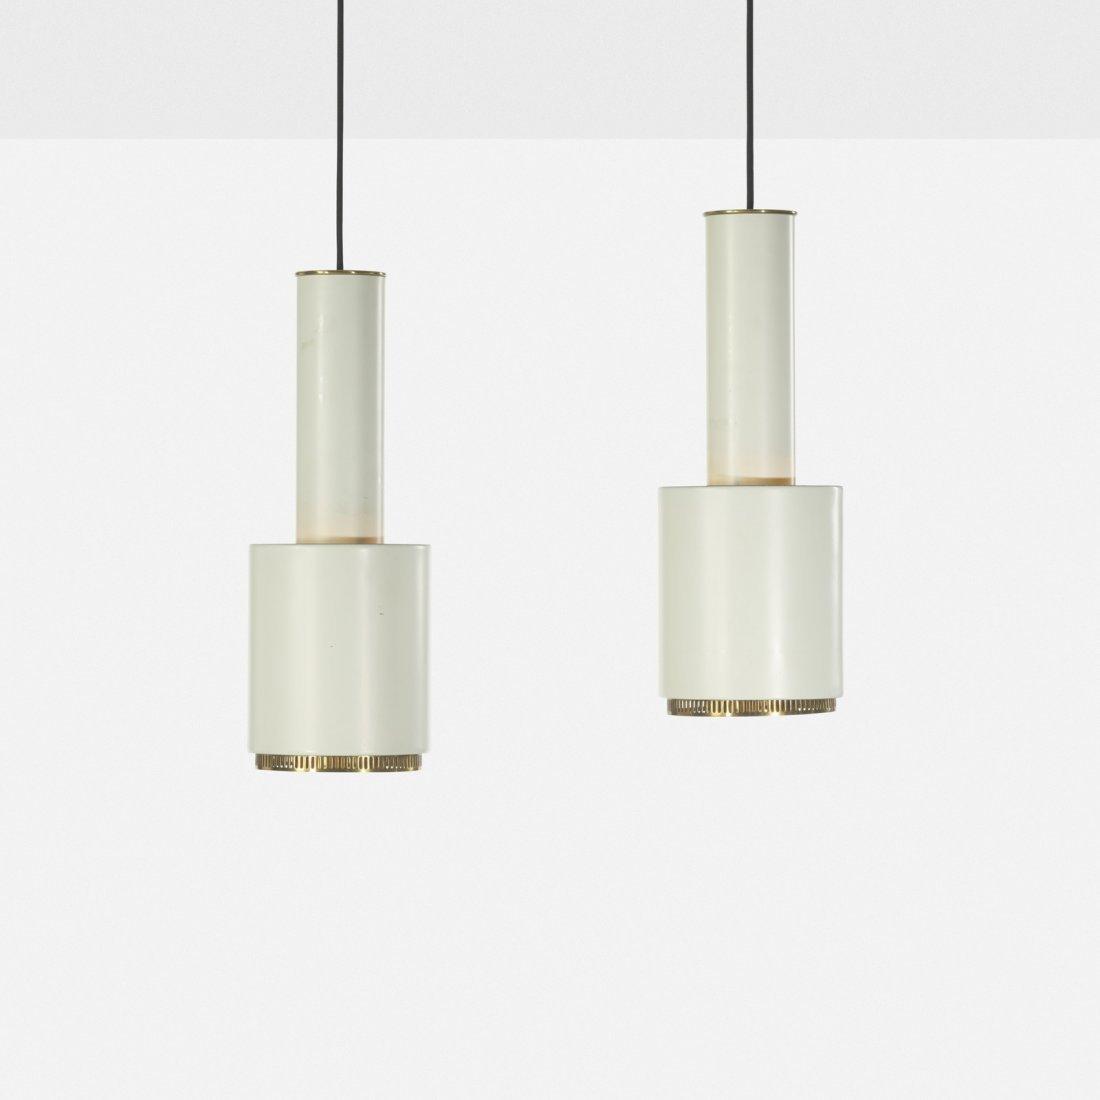 Alvar Aalto, pendant lamps, pair